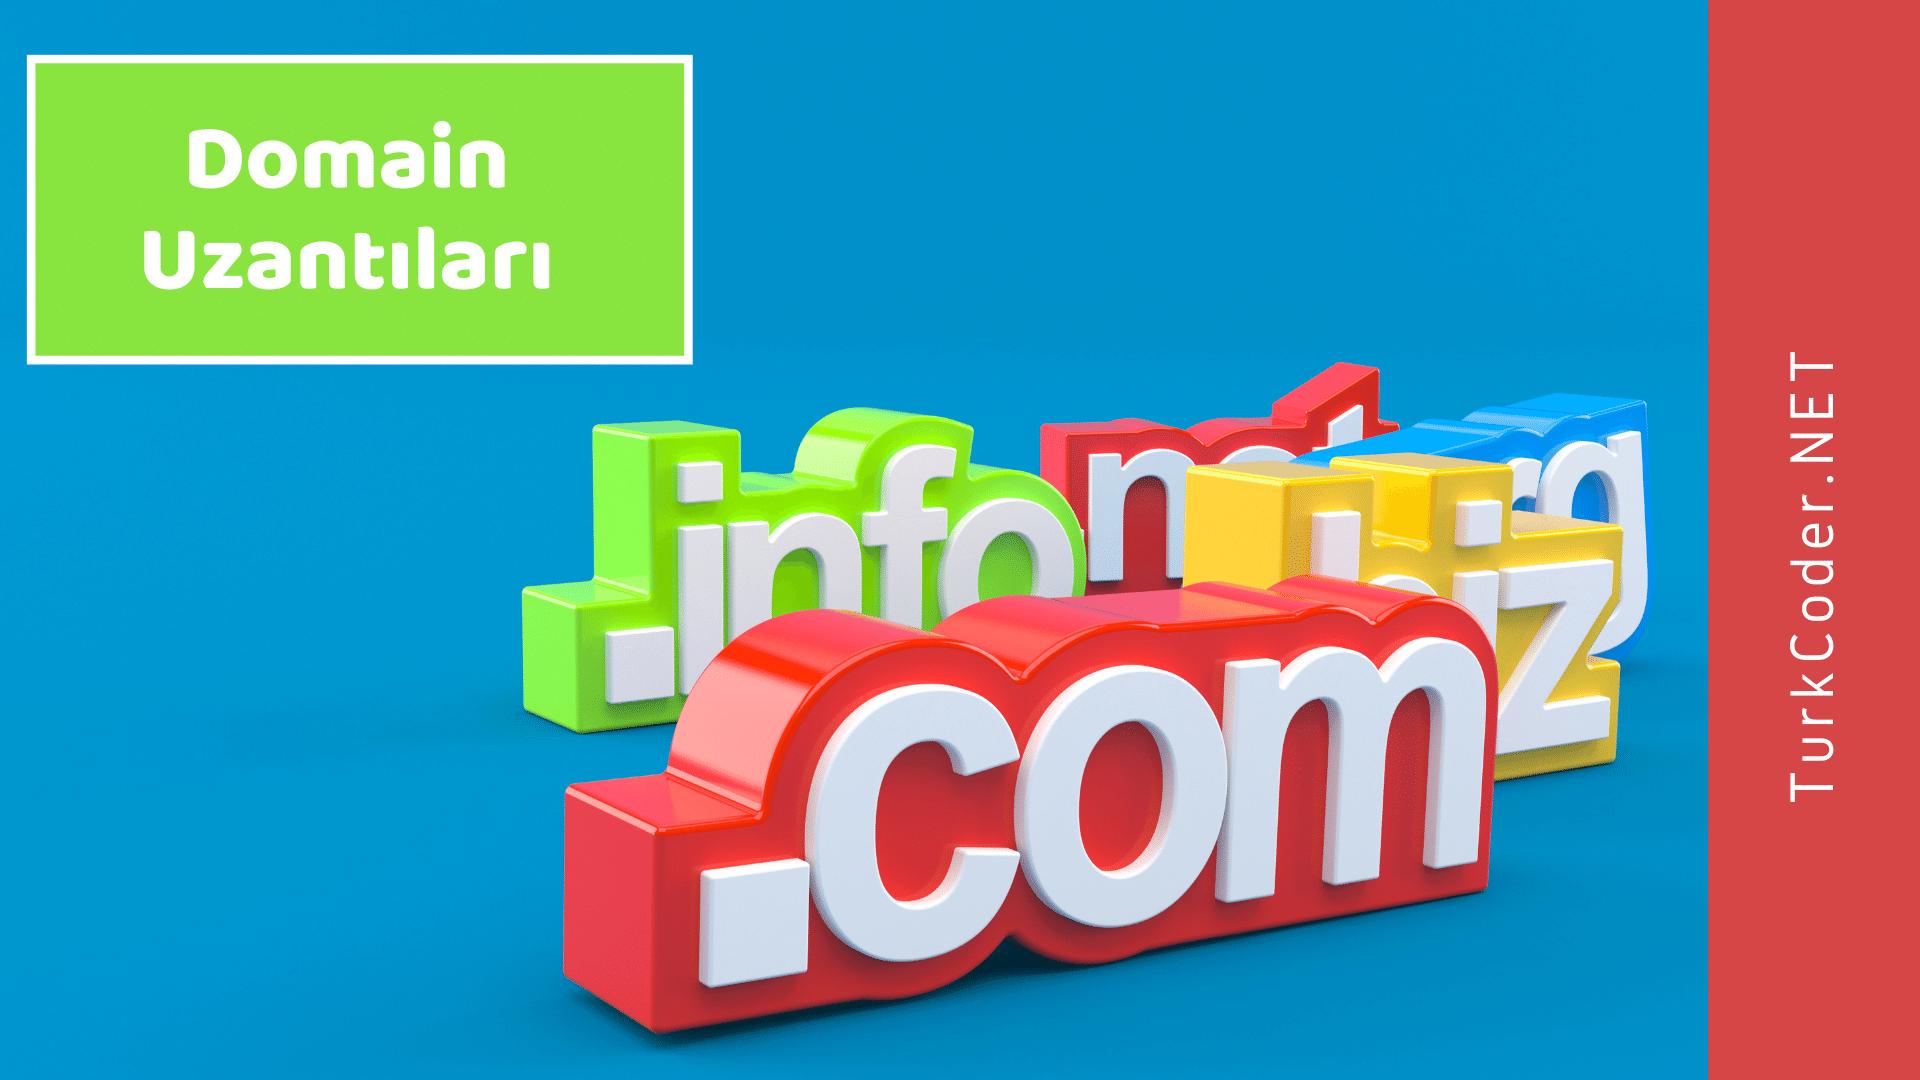 Domain Uzantıları